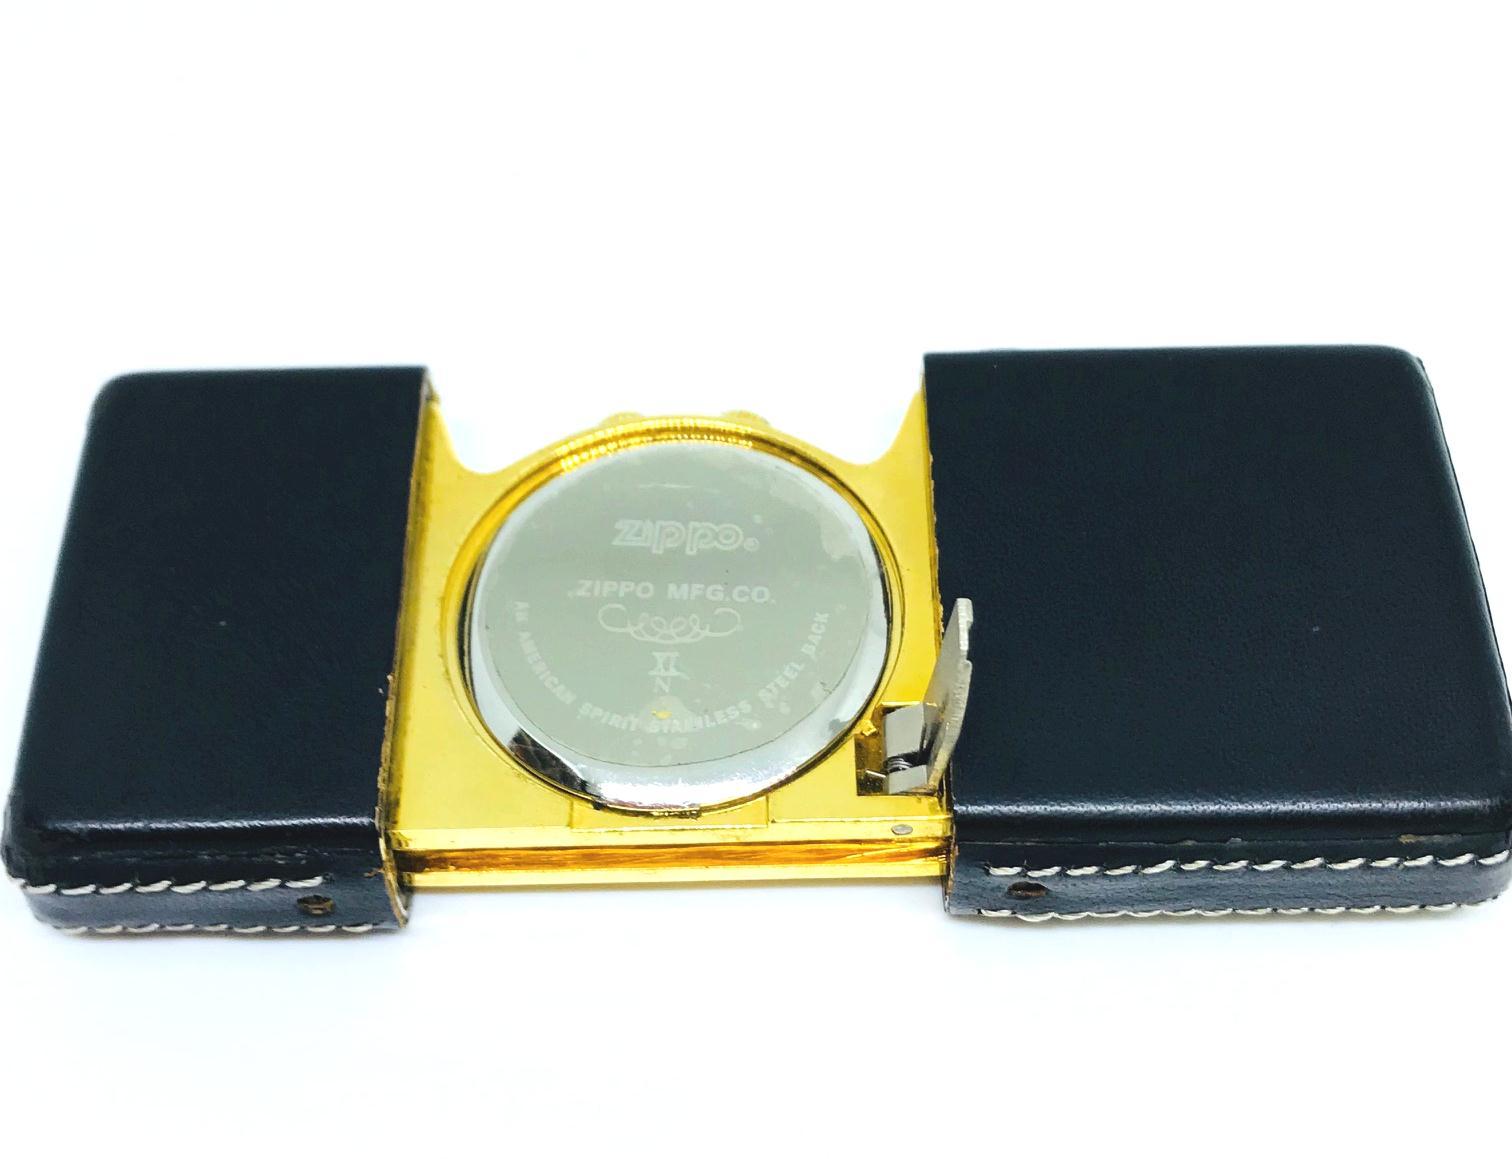 Zippo pocket clock dong ho bo tui Z607 5